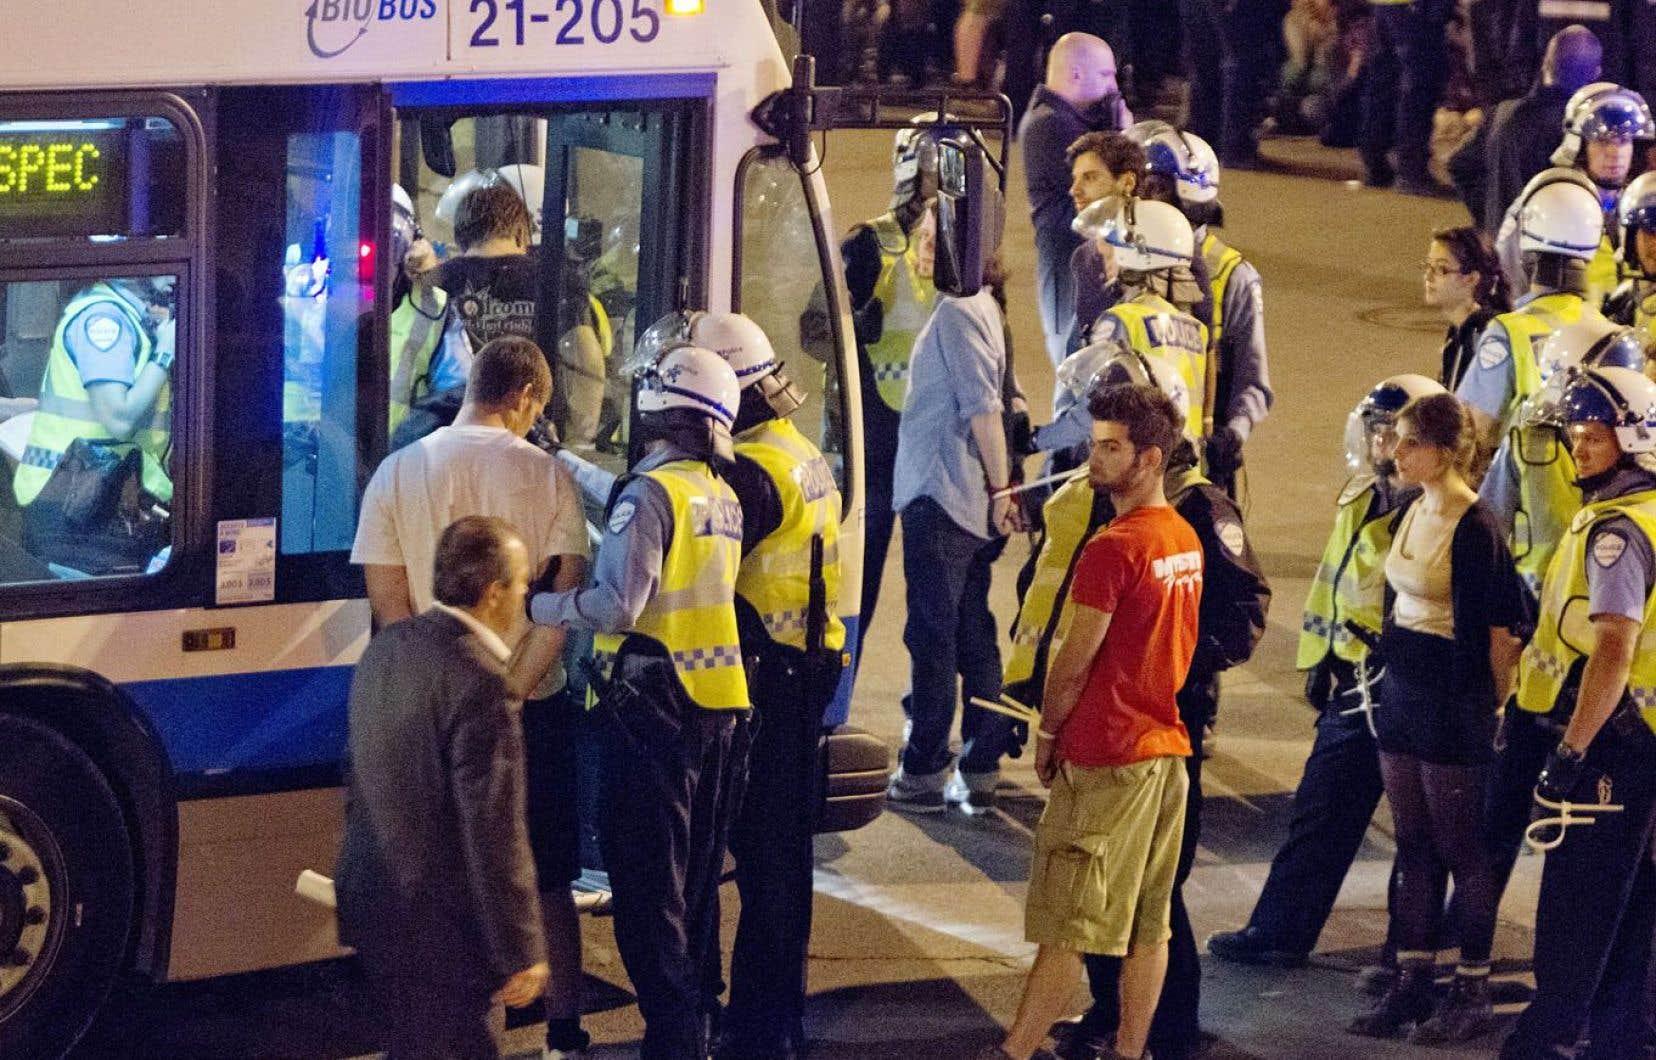 Plus de 500 personnes avaient été arrêtées lors de la 30emanifestation nocturne du printemps.